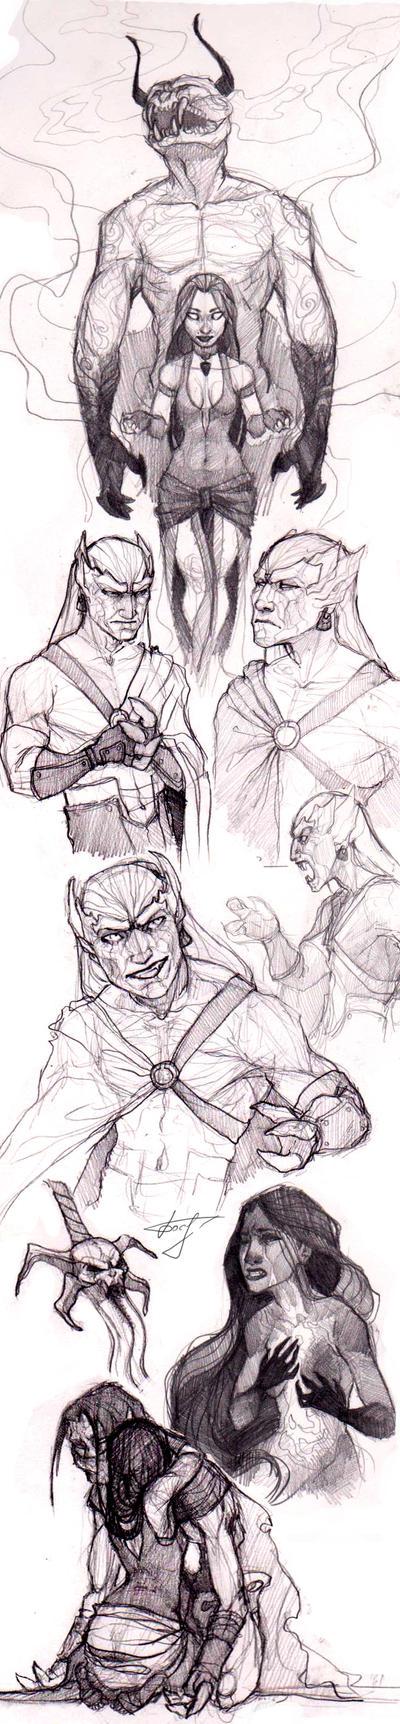 SketchStuff SoulReaver 2 by REYKAT